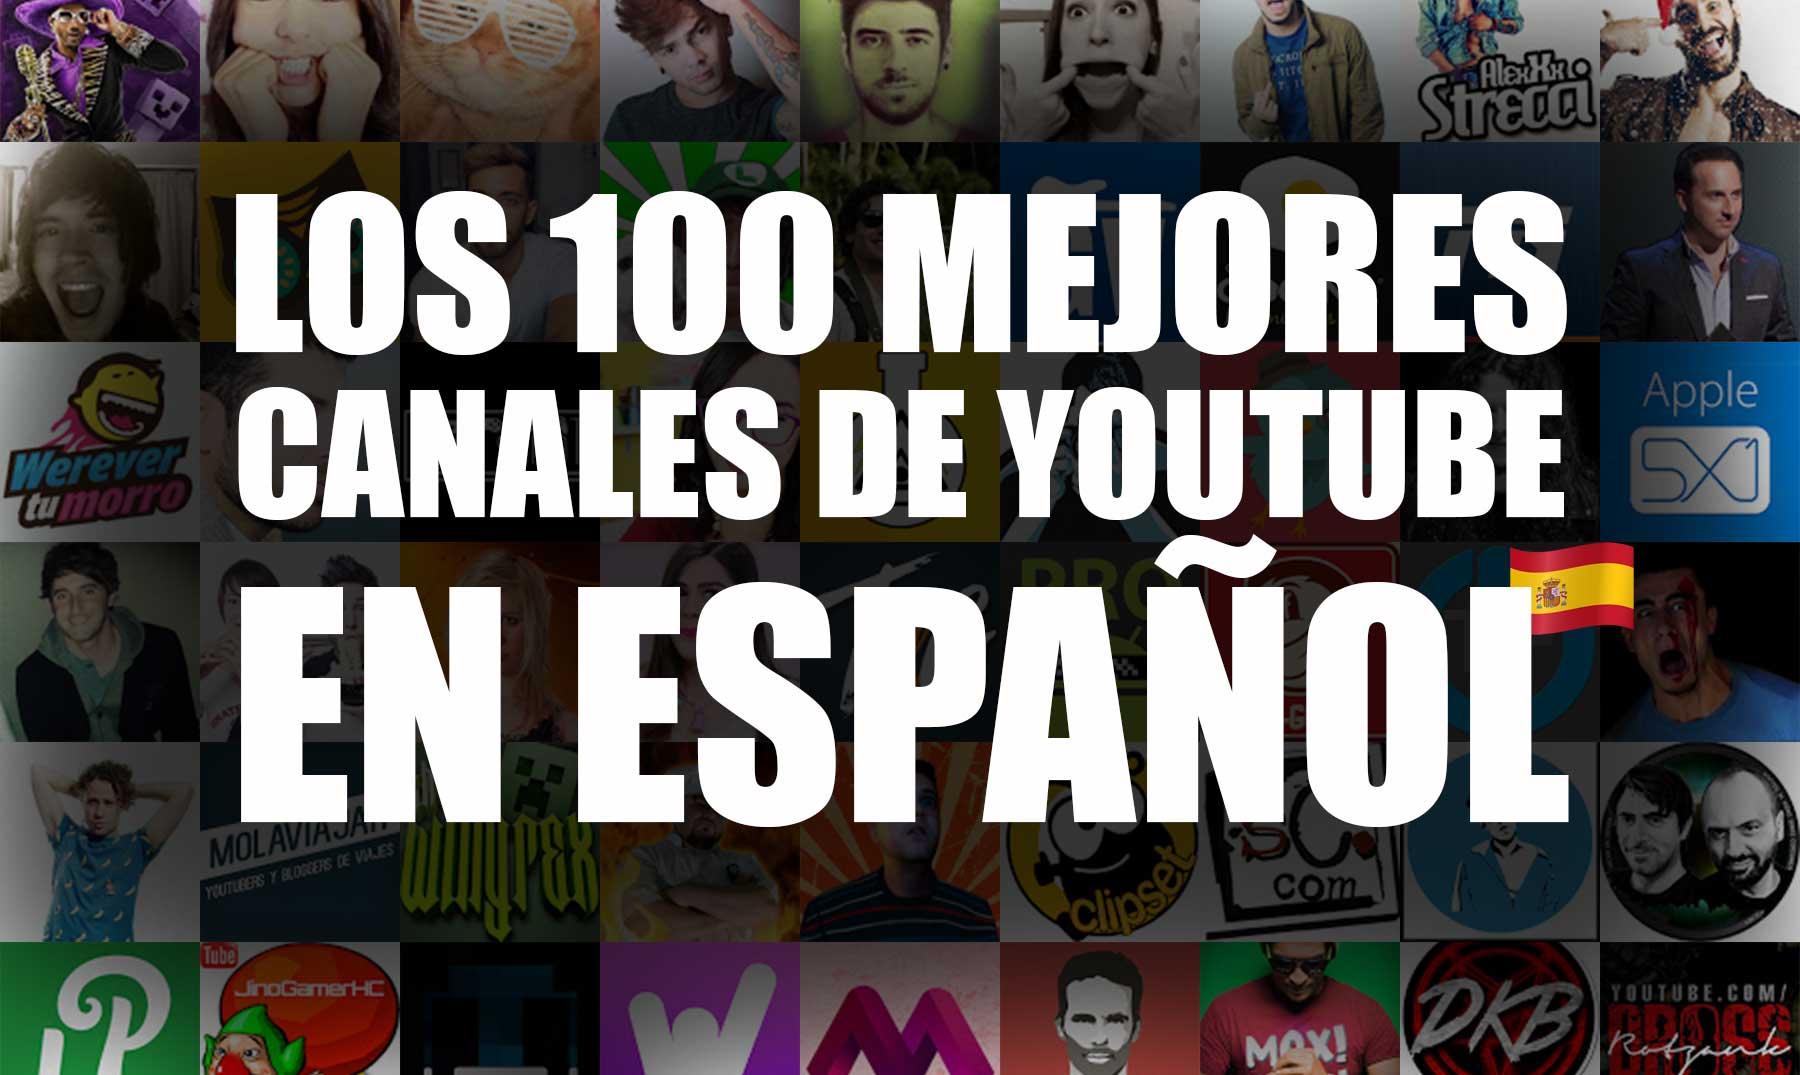 Los 100 mejores canales de YouTube en Español